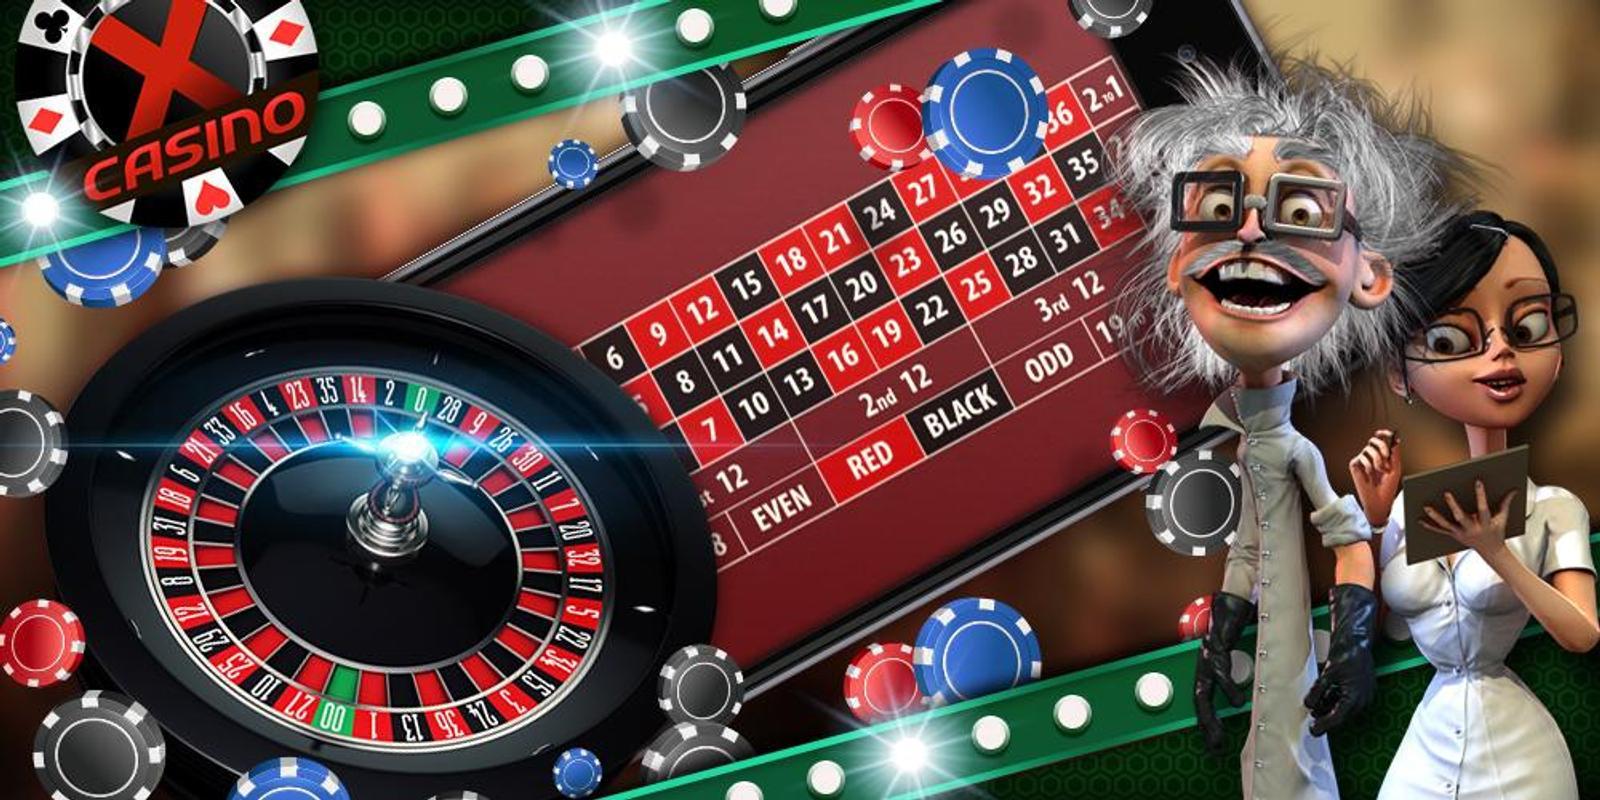 скачать казино х на андроид